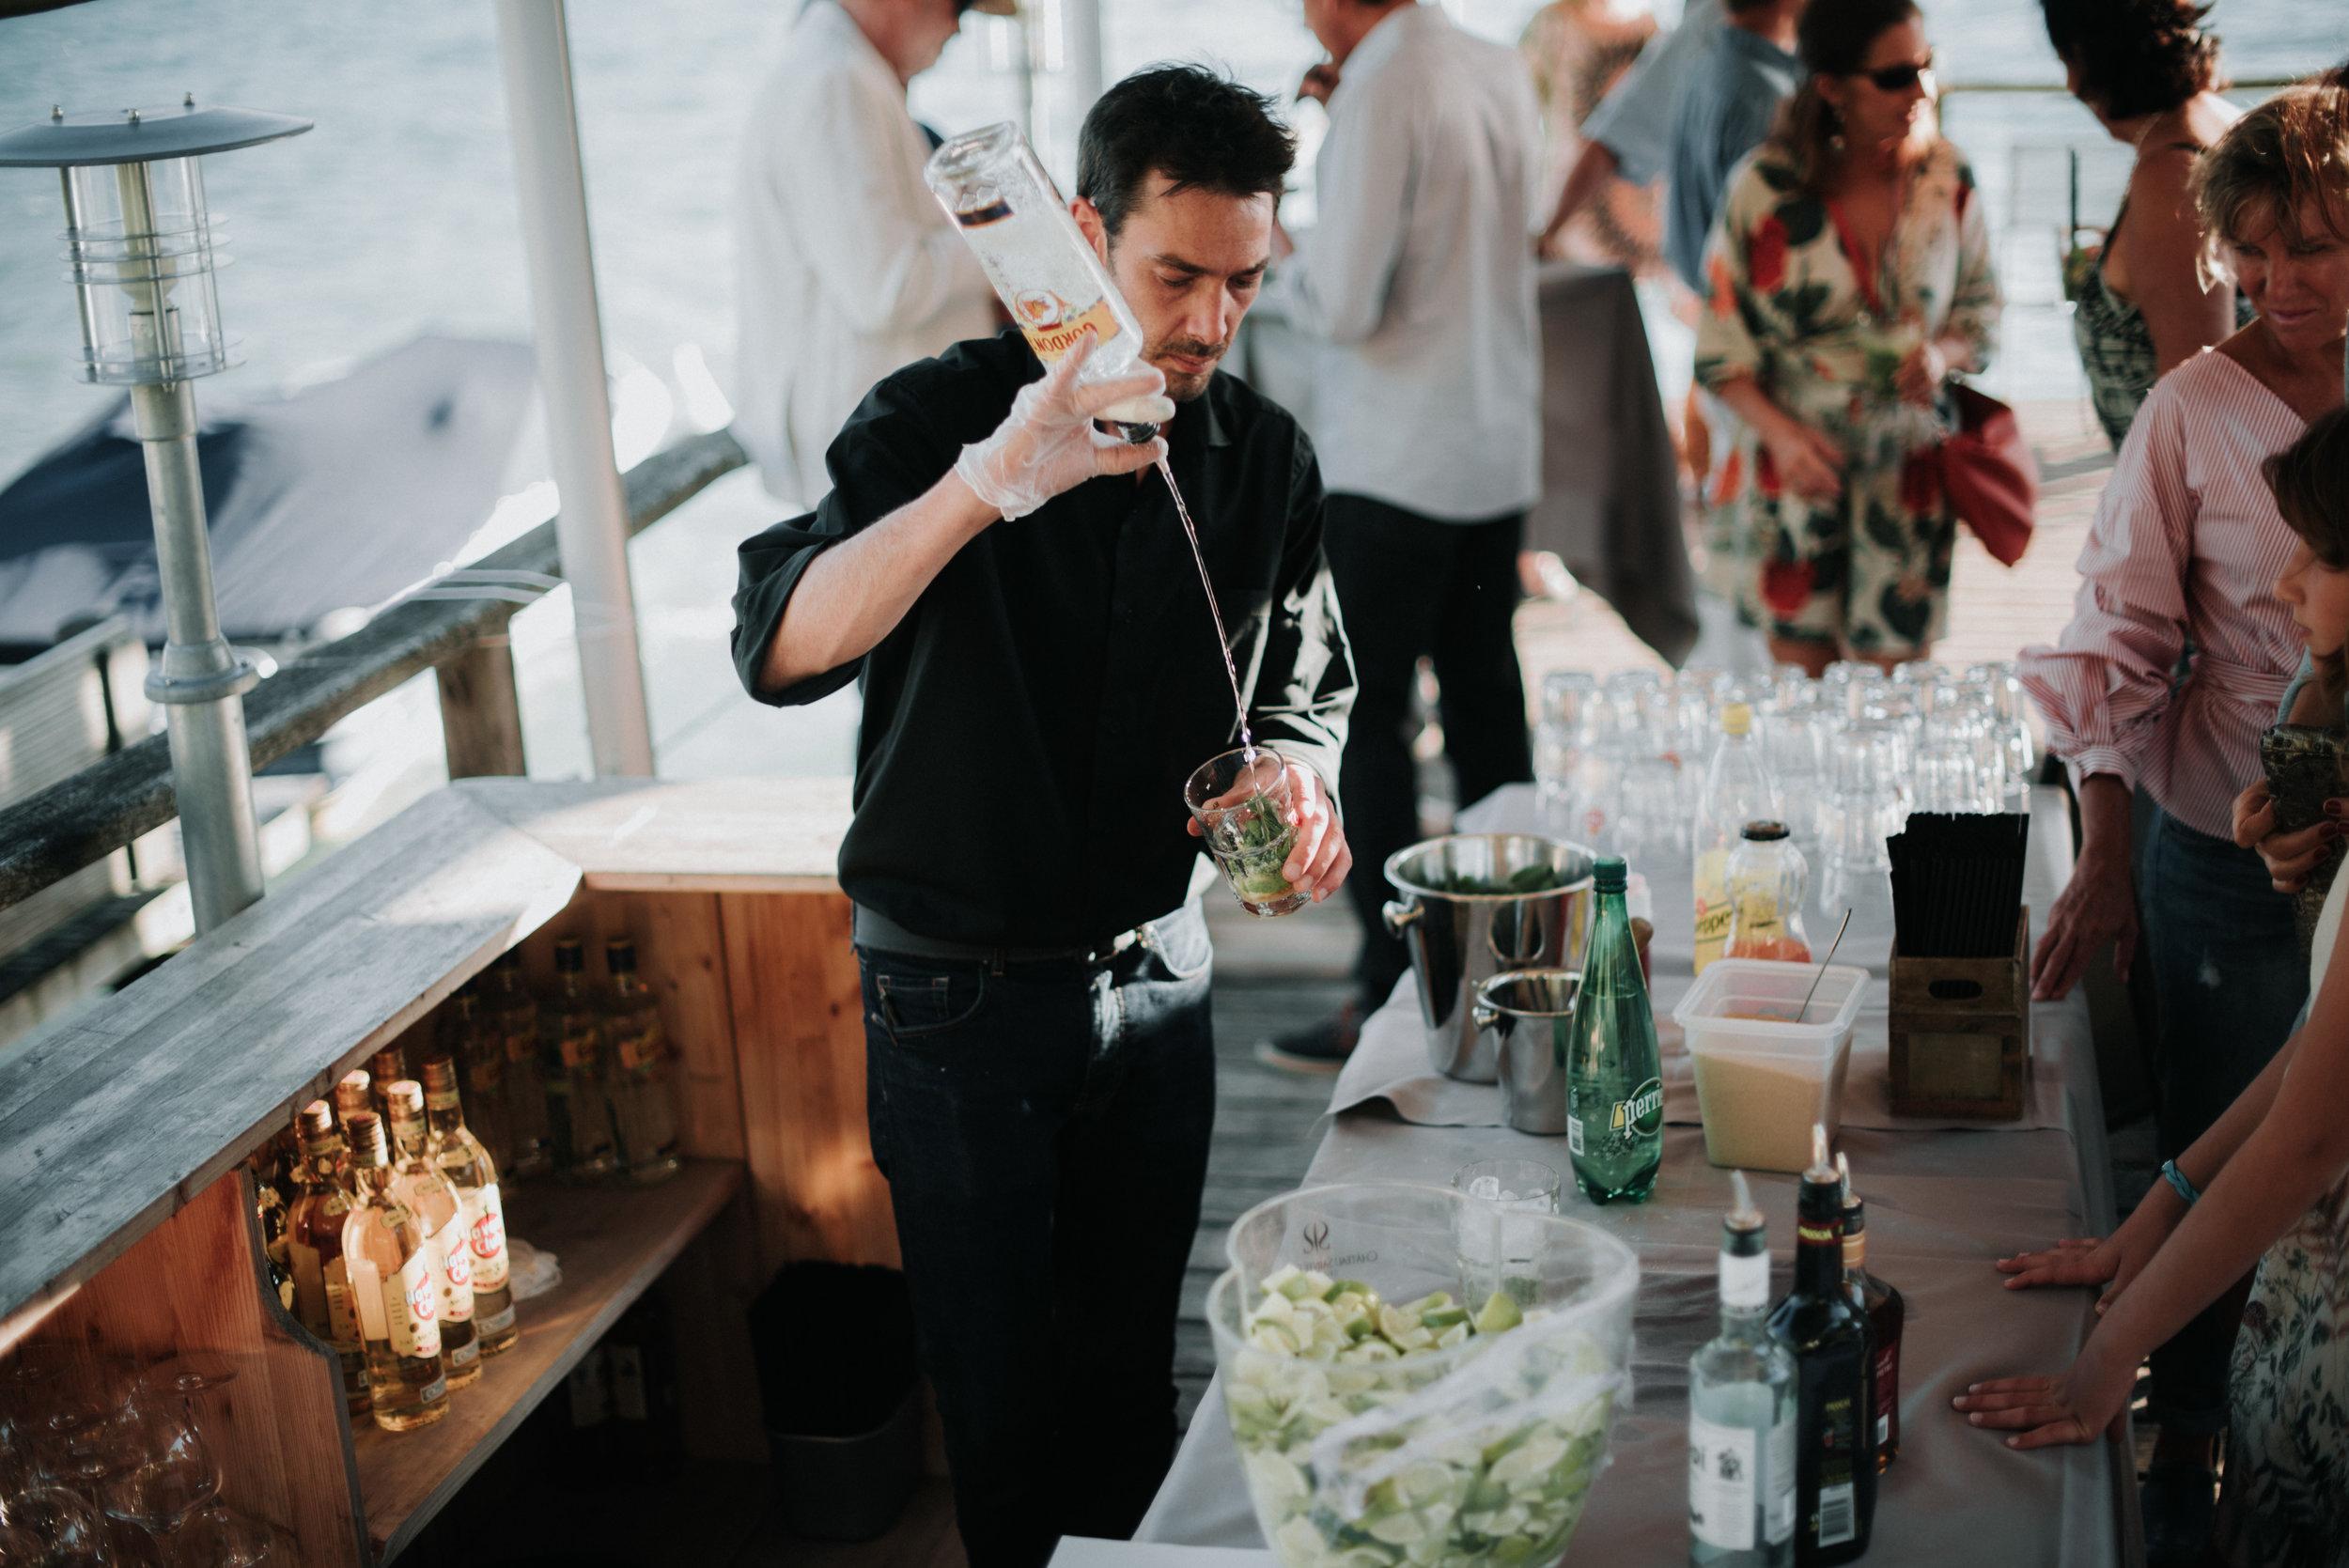 Léa-Fery-photographe-professionnel-lyon-rhone-alpes-portrait-creation-mariage-evenement-evenementiel-famille-9060.jpg